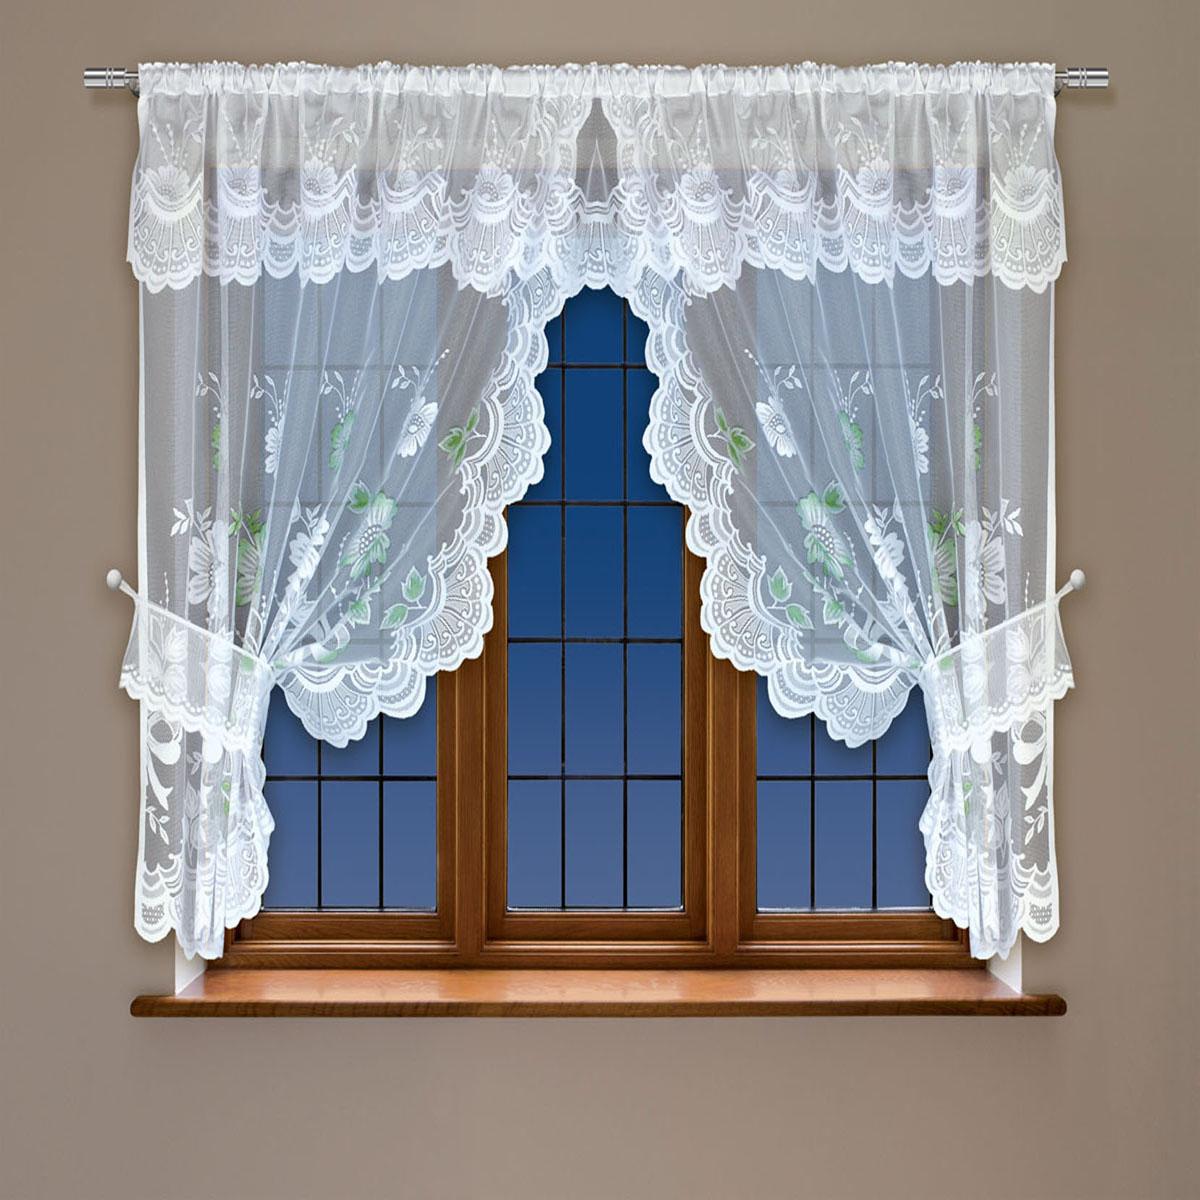 Гардина Haft, на кулиске, цвет: белый, высота 107 см. 202561CLP446Воздушная гардина Haft, выполненная из полиэстера, великолепно украсит любое окно.Изделие имеет оригинальный дизайн и органично впишется в интерьер помещения.Гардина крепится на карниз при помощи кулиски.